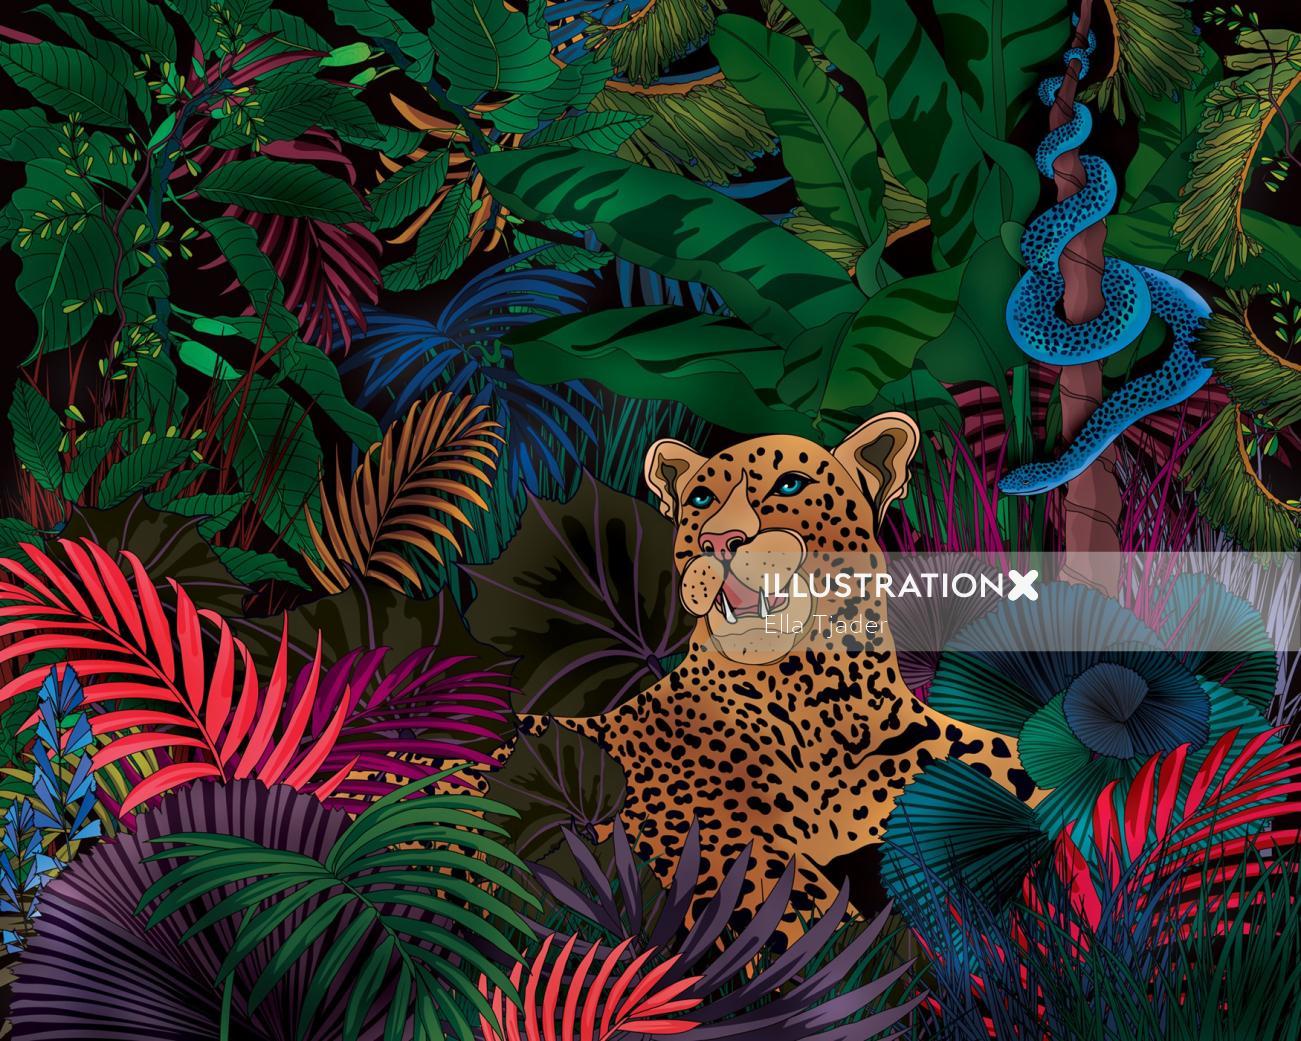 Nightime in a jungle